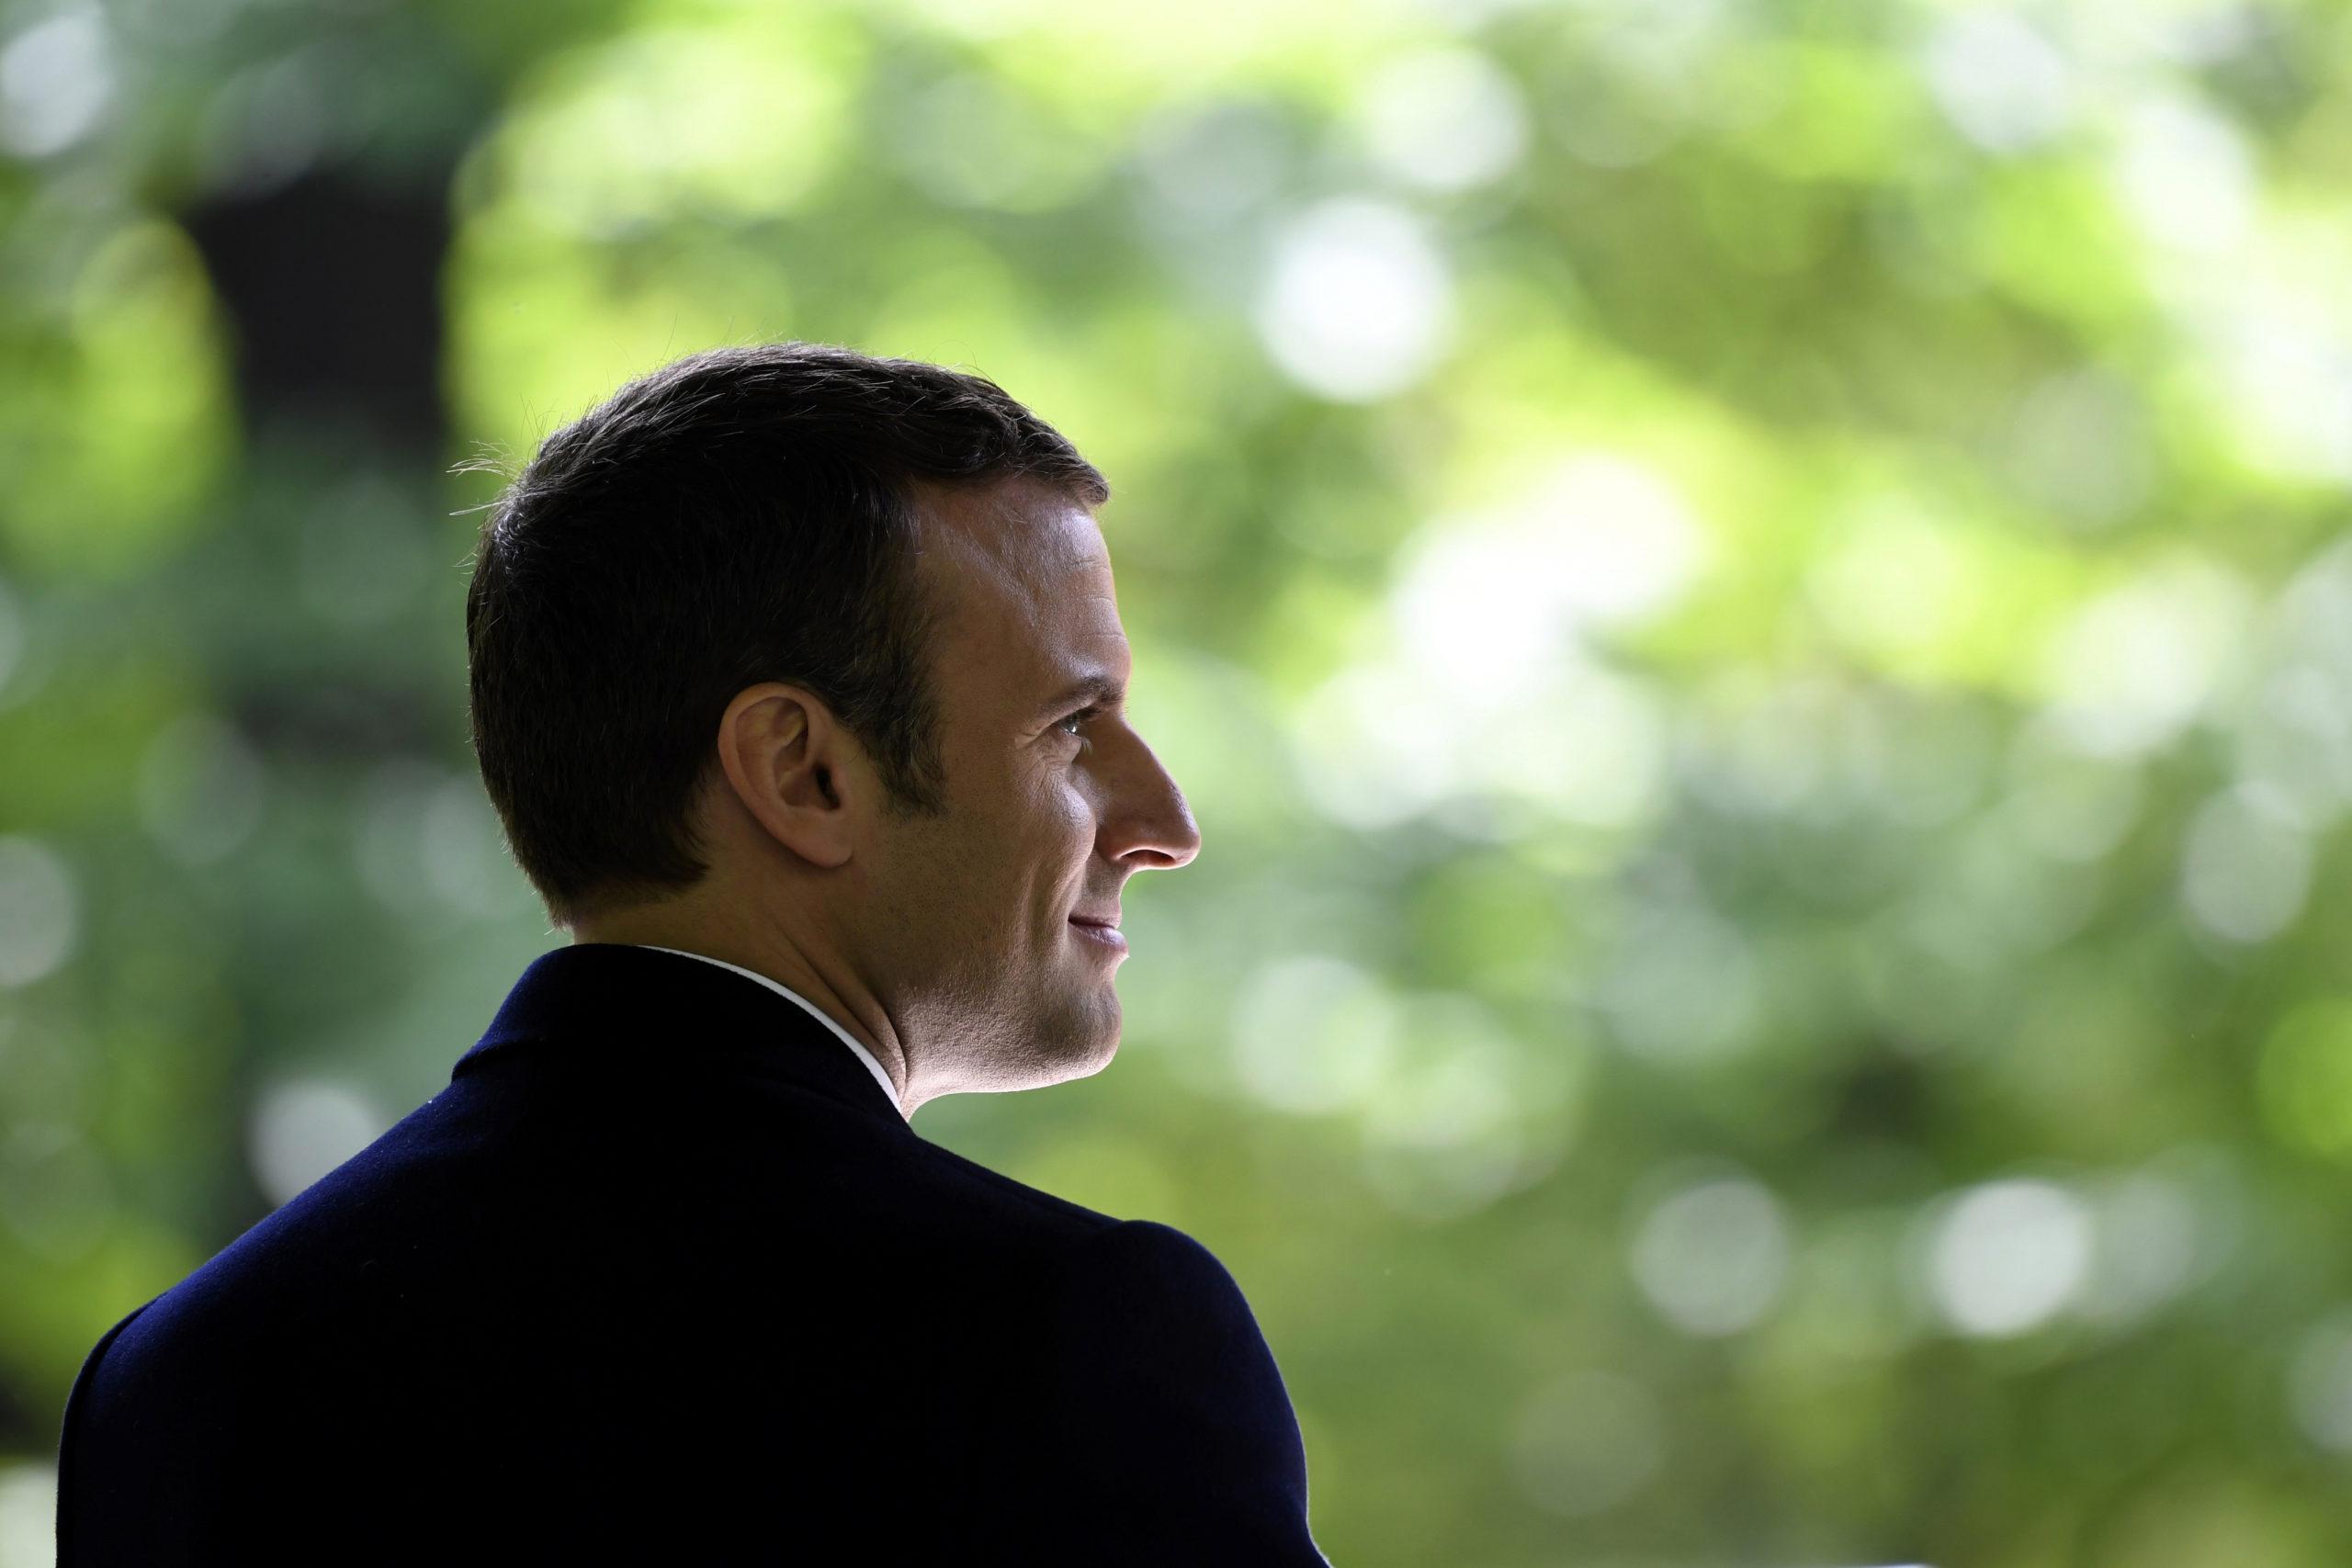 Emmanuel Macron voi hyötyä Ranskan parlamenttivaaleissa siitä, että monet La République en marche -puolueen ehdokkaista on uusia kasvoja politiikassa.